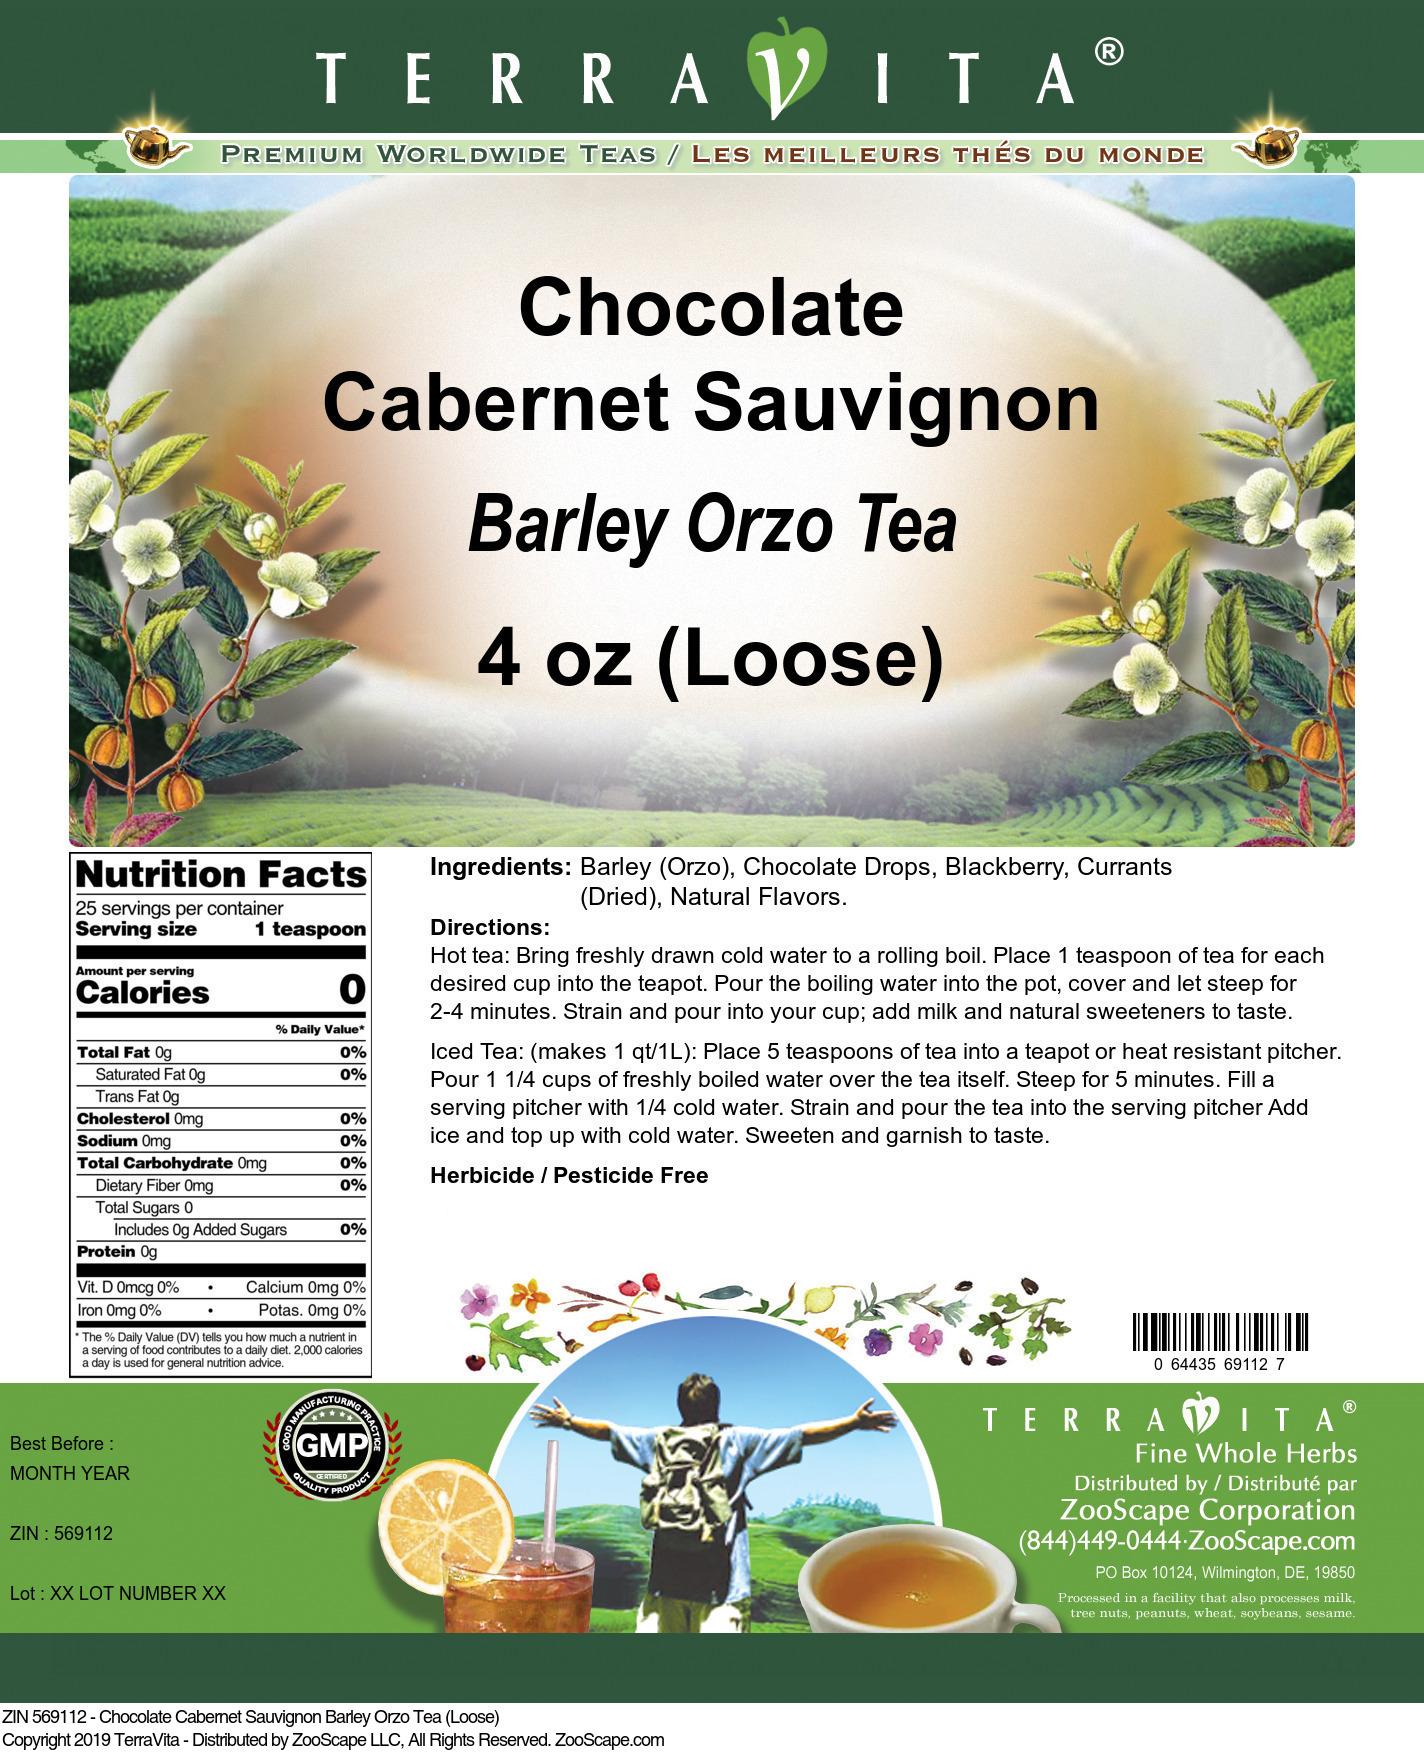 Chocolate Cabernet Sauvignon Barley Orzo